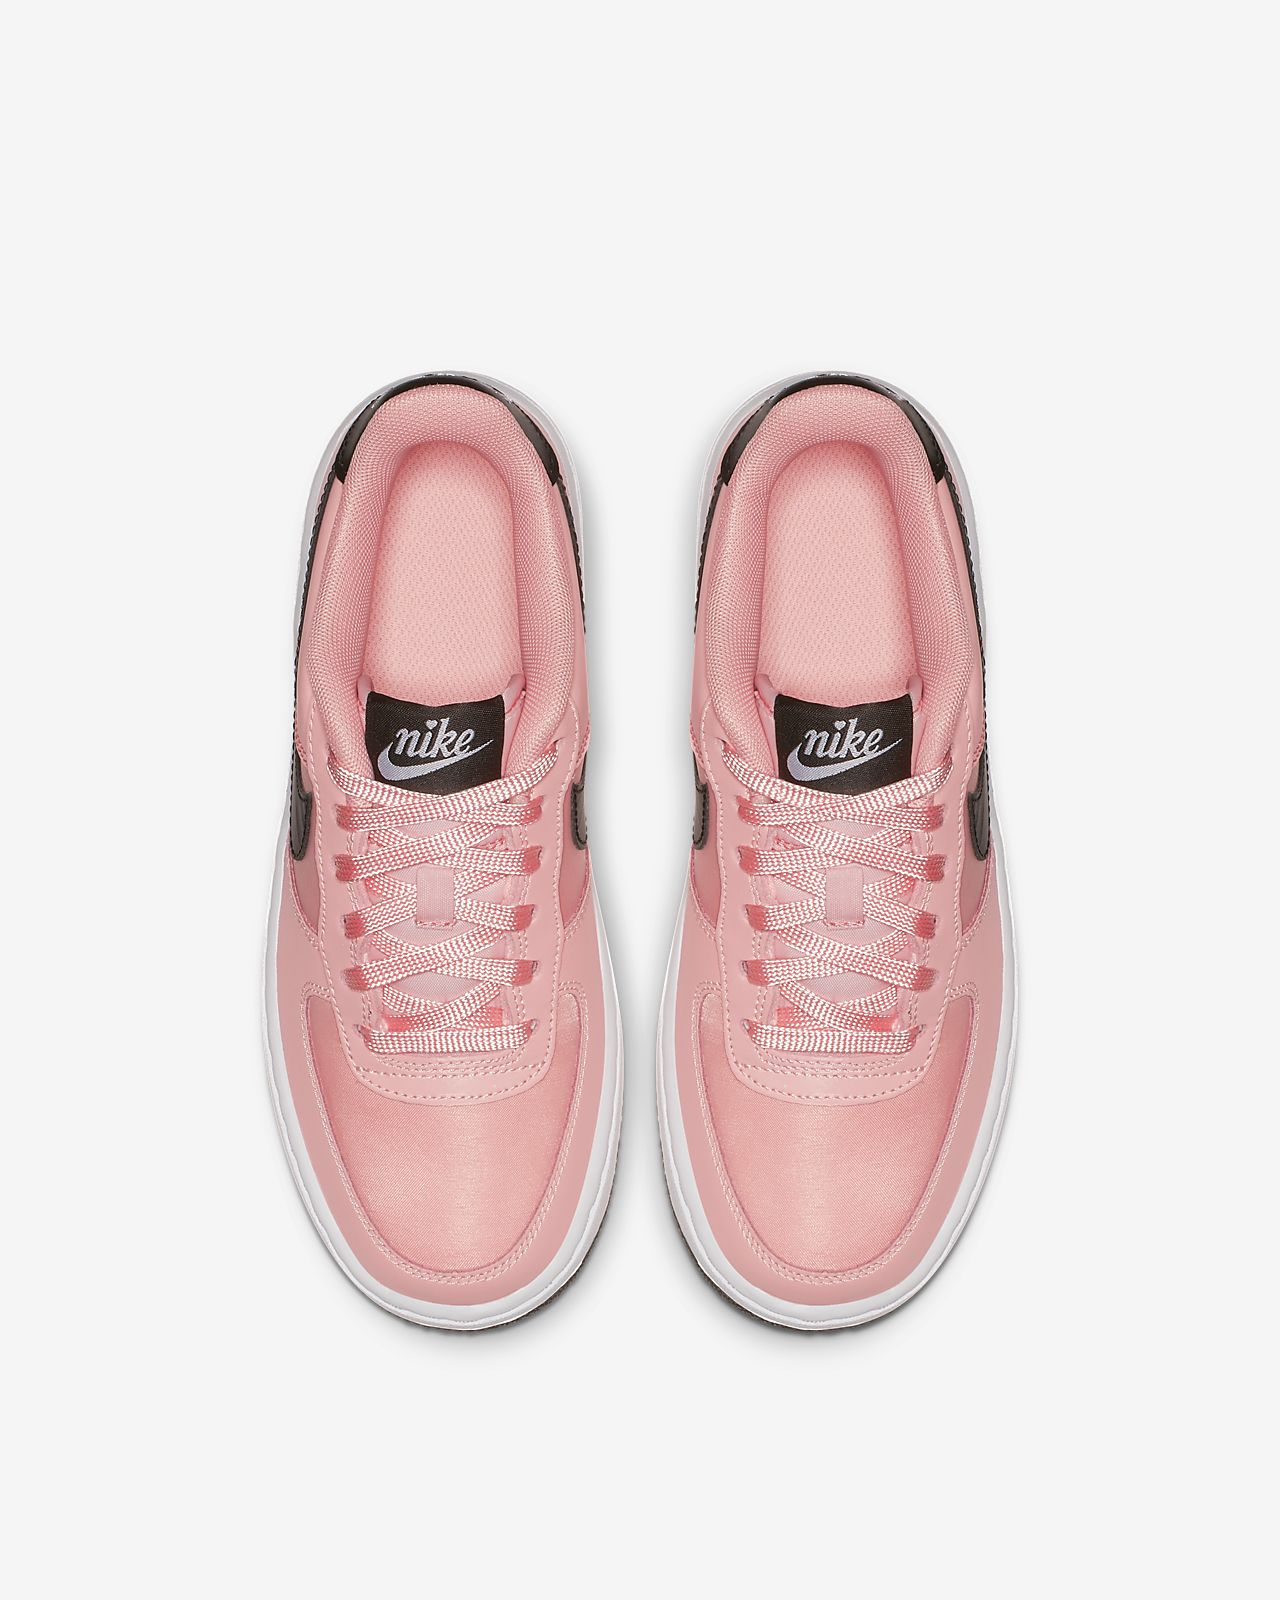 68af2563221c7 Nike Air Force 1 VDAY Older Kids  Shoe. Nike.com IE